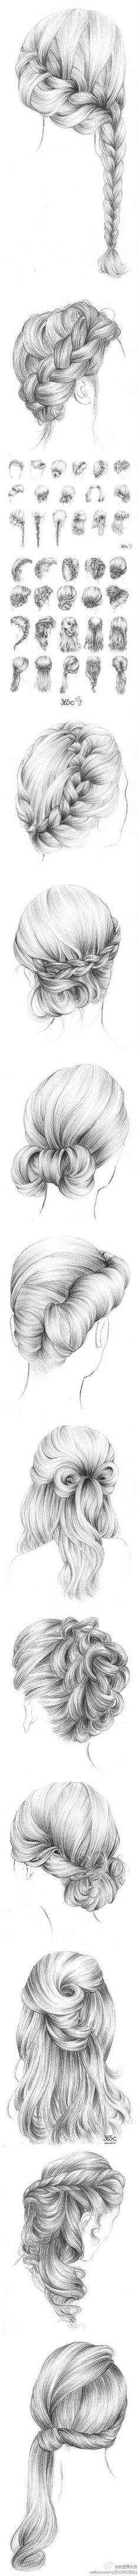 Ben bunu çizim değil saç stili diye insanlara gösteririm